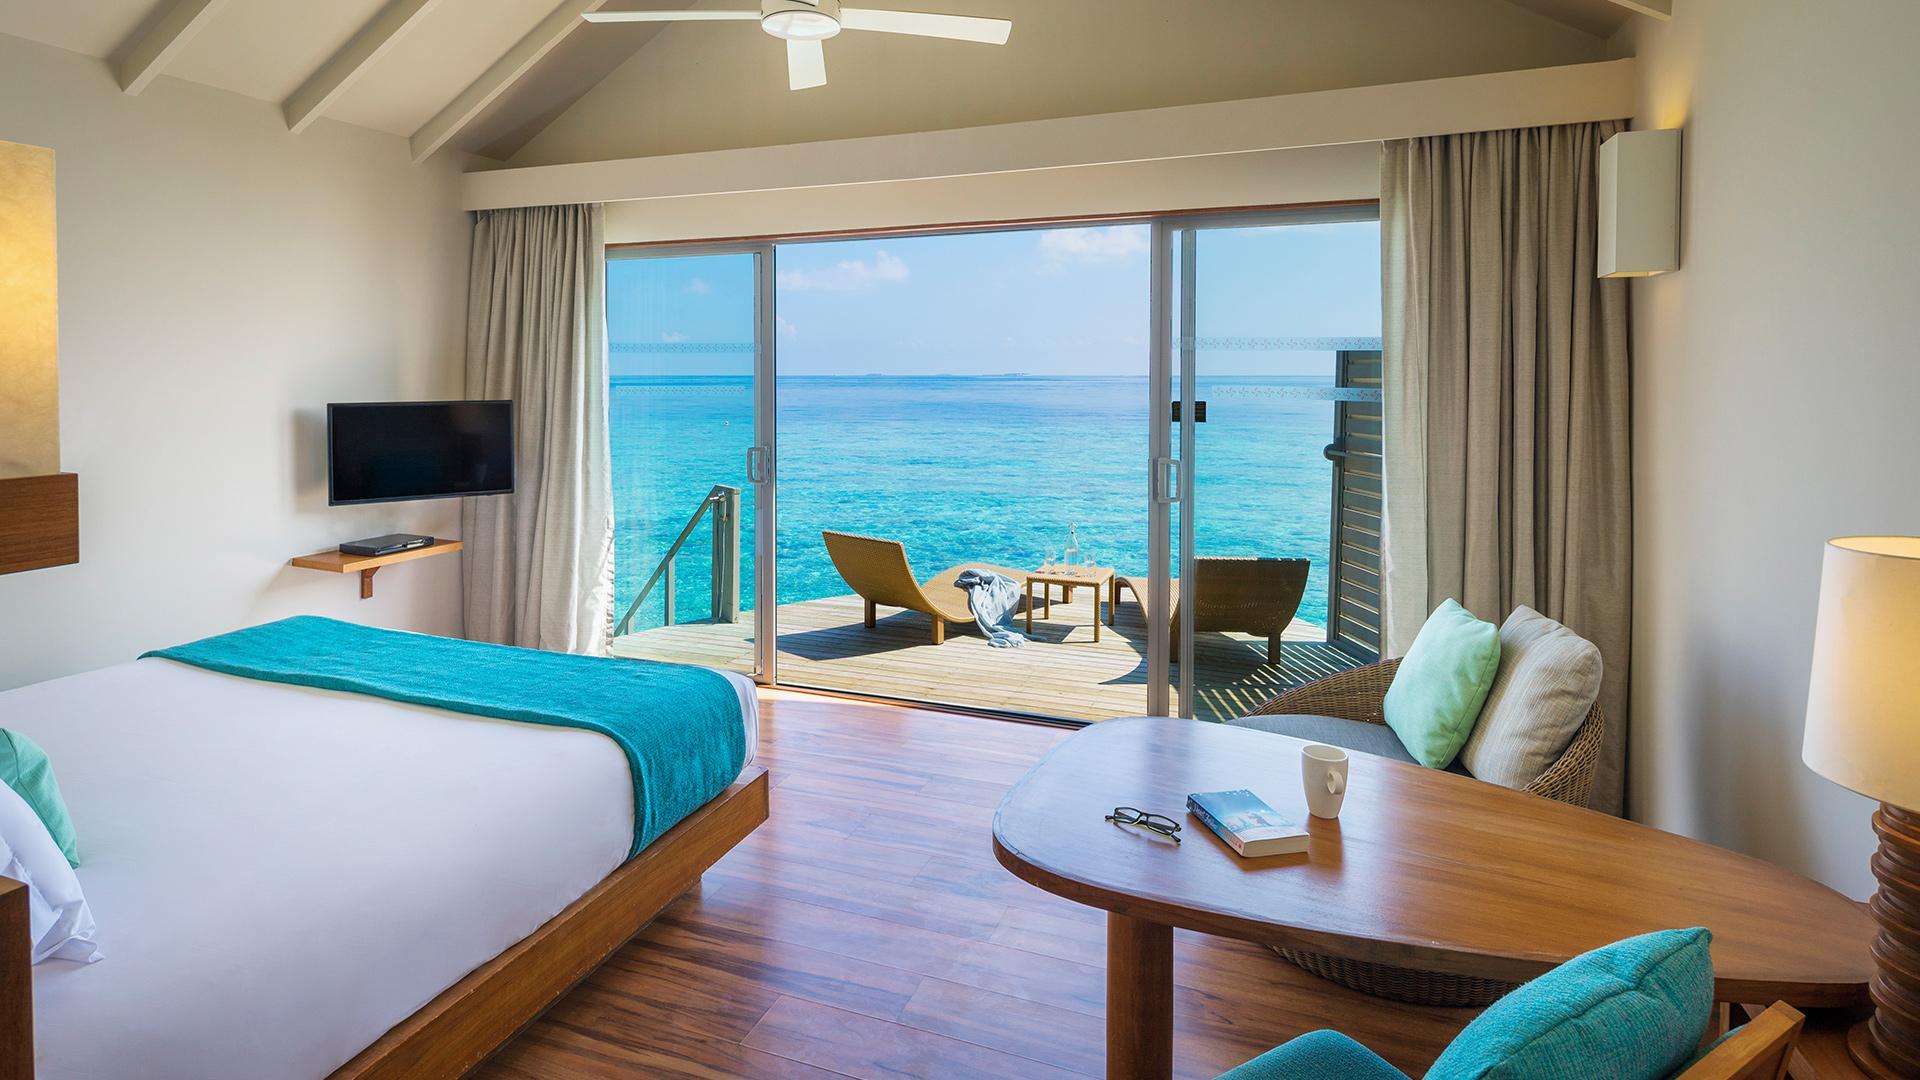 Deluxe Water Villa   image 1 at Centara Ras Fushi Resort & Spa Maldives by Kaafu Atoll, null, Maldives